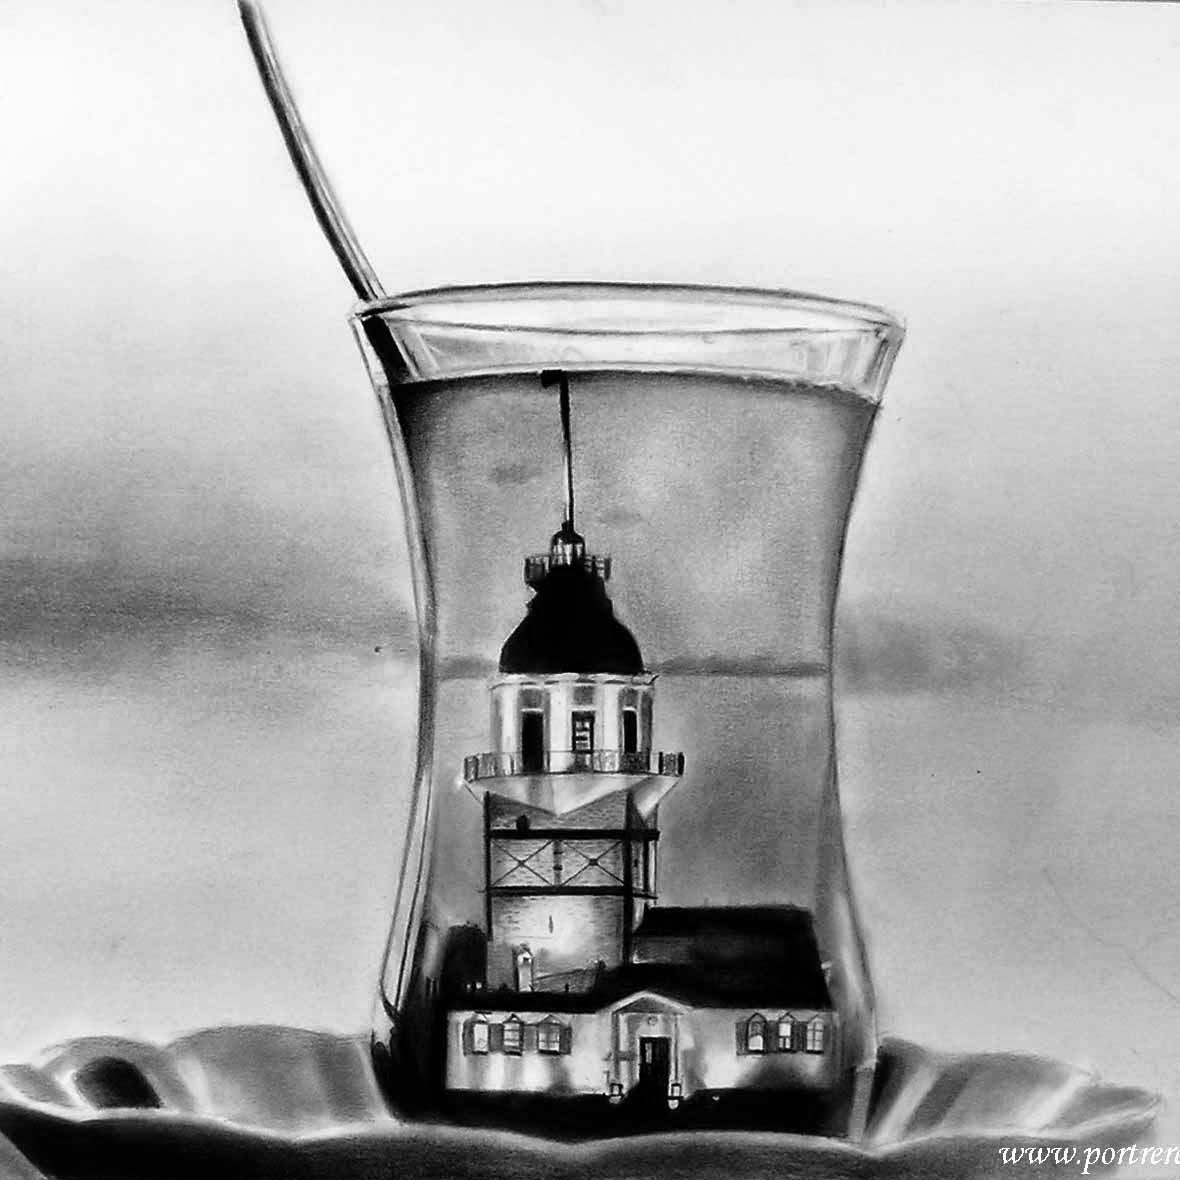 Çaybardağı ve kız kulesi karakalem çalışması